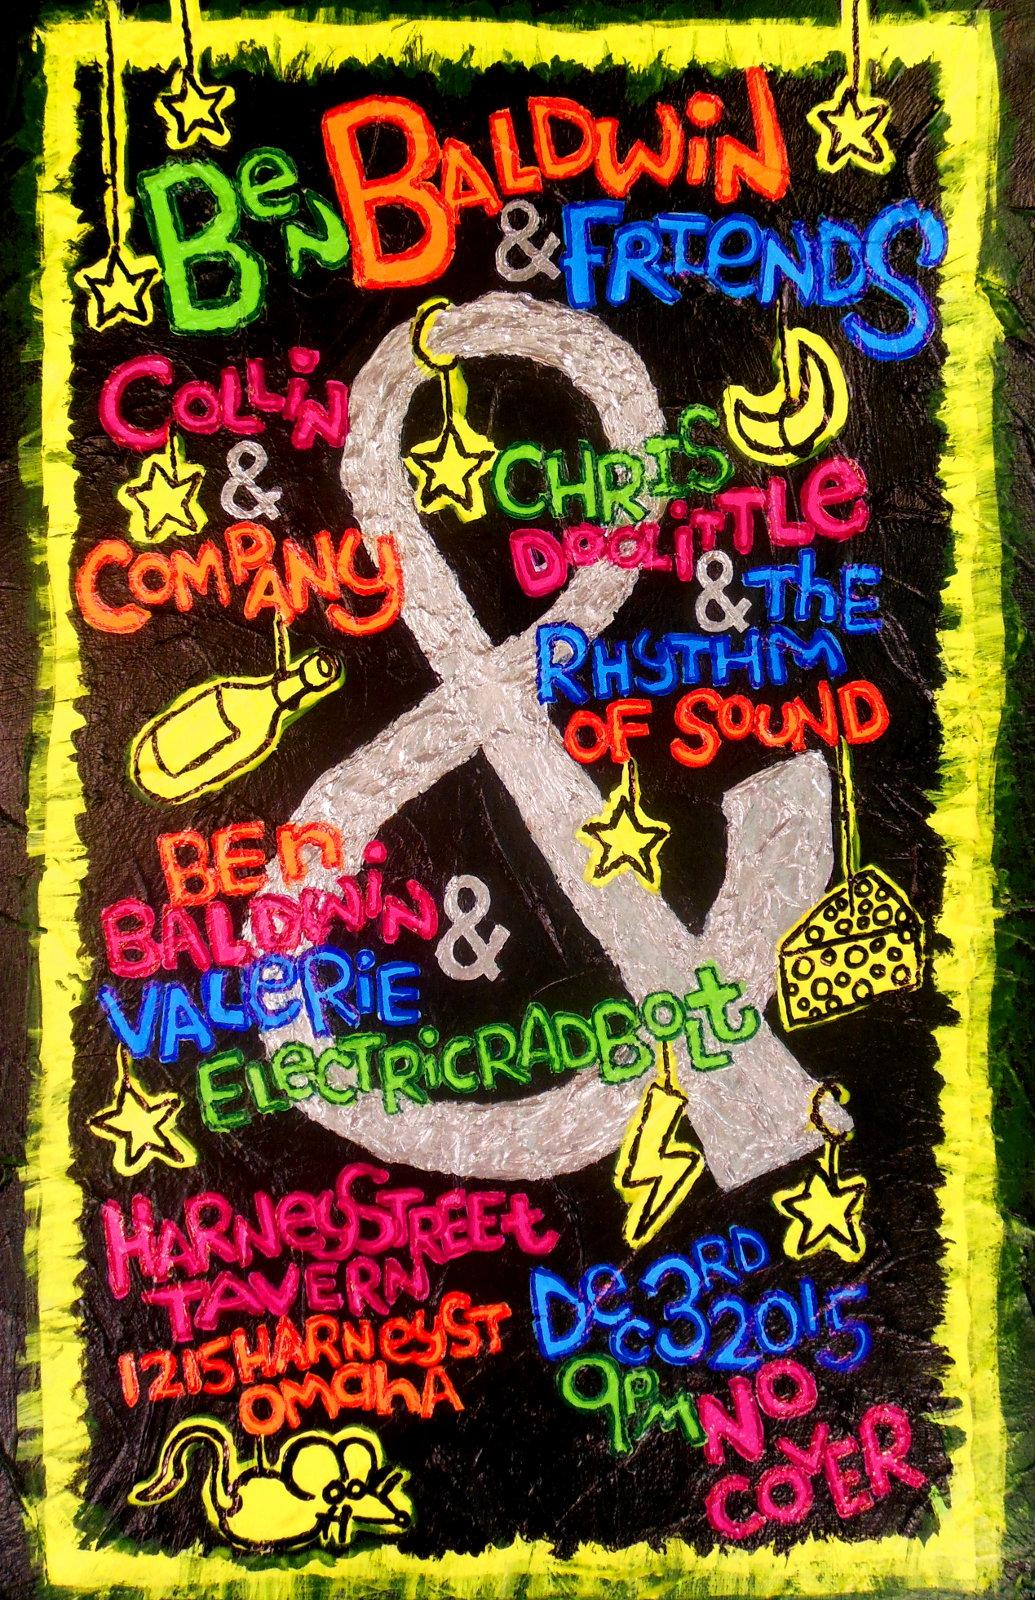 poster for Ben Baldwin & Friends